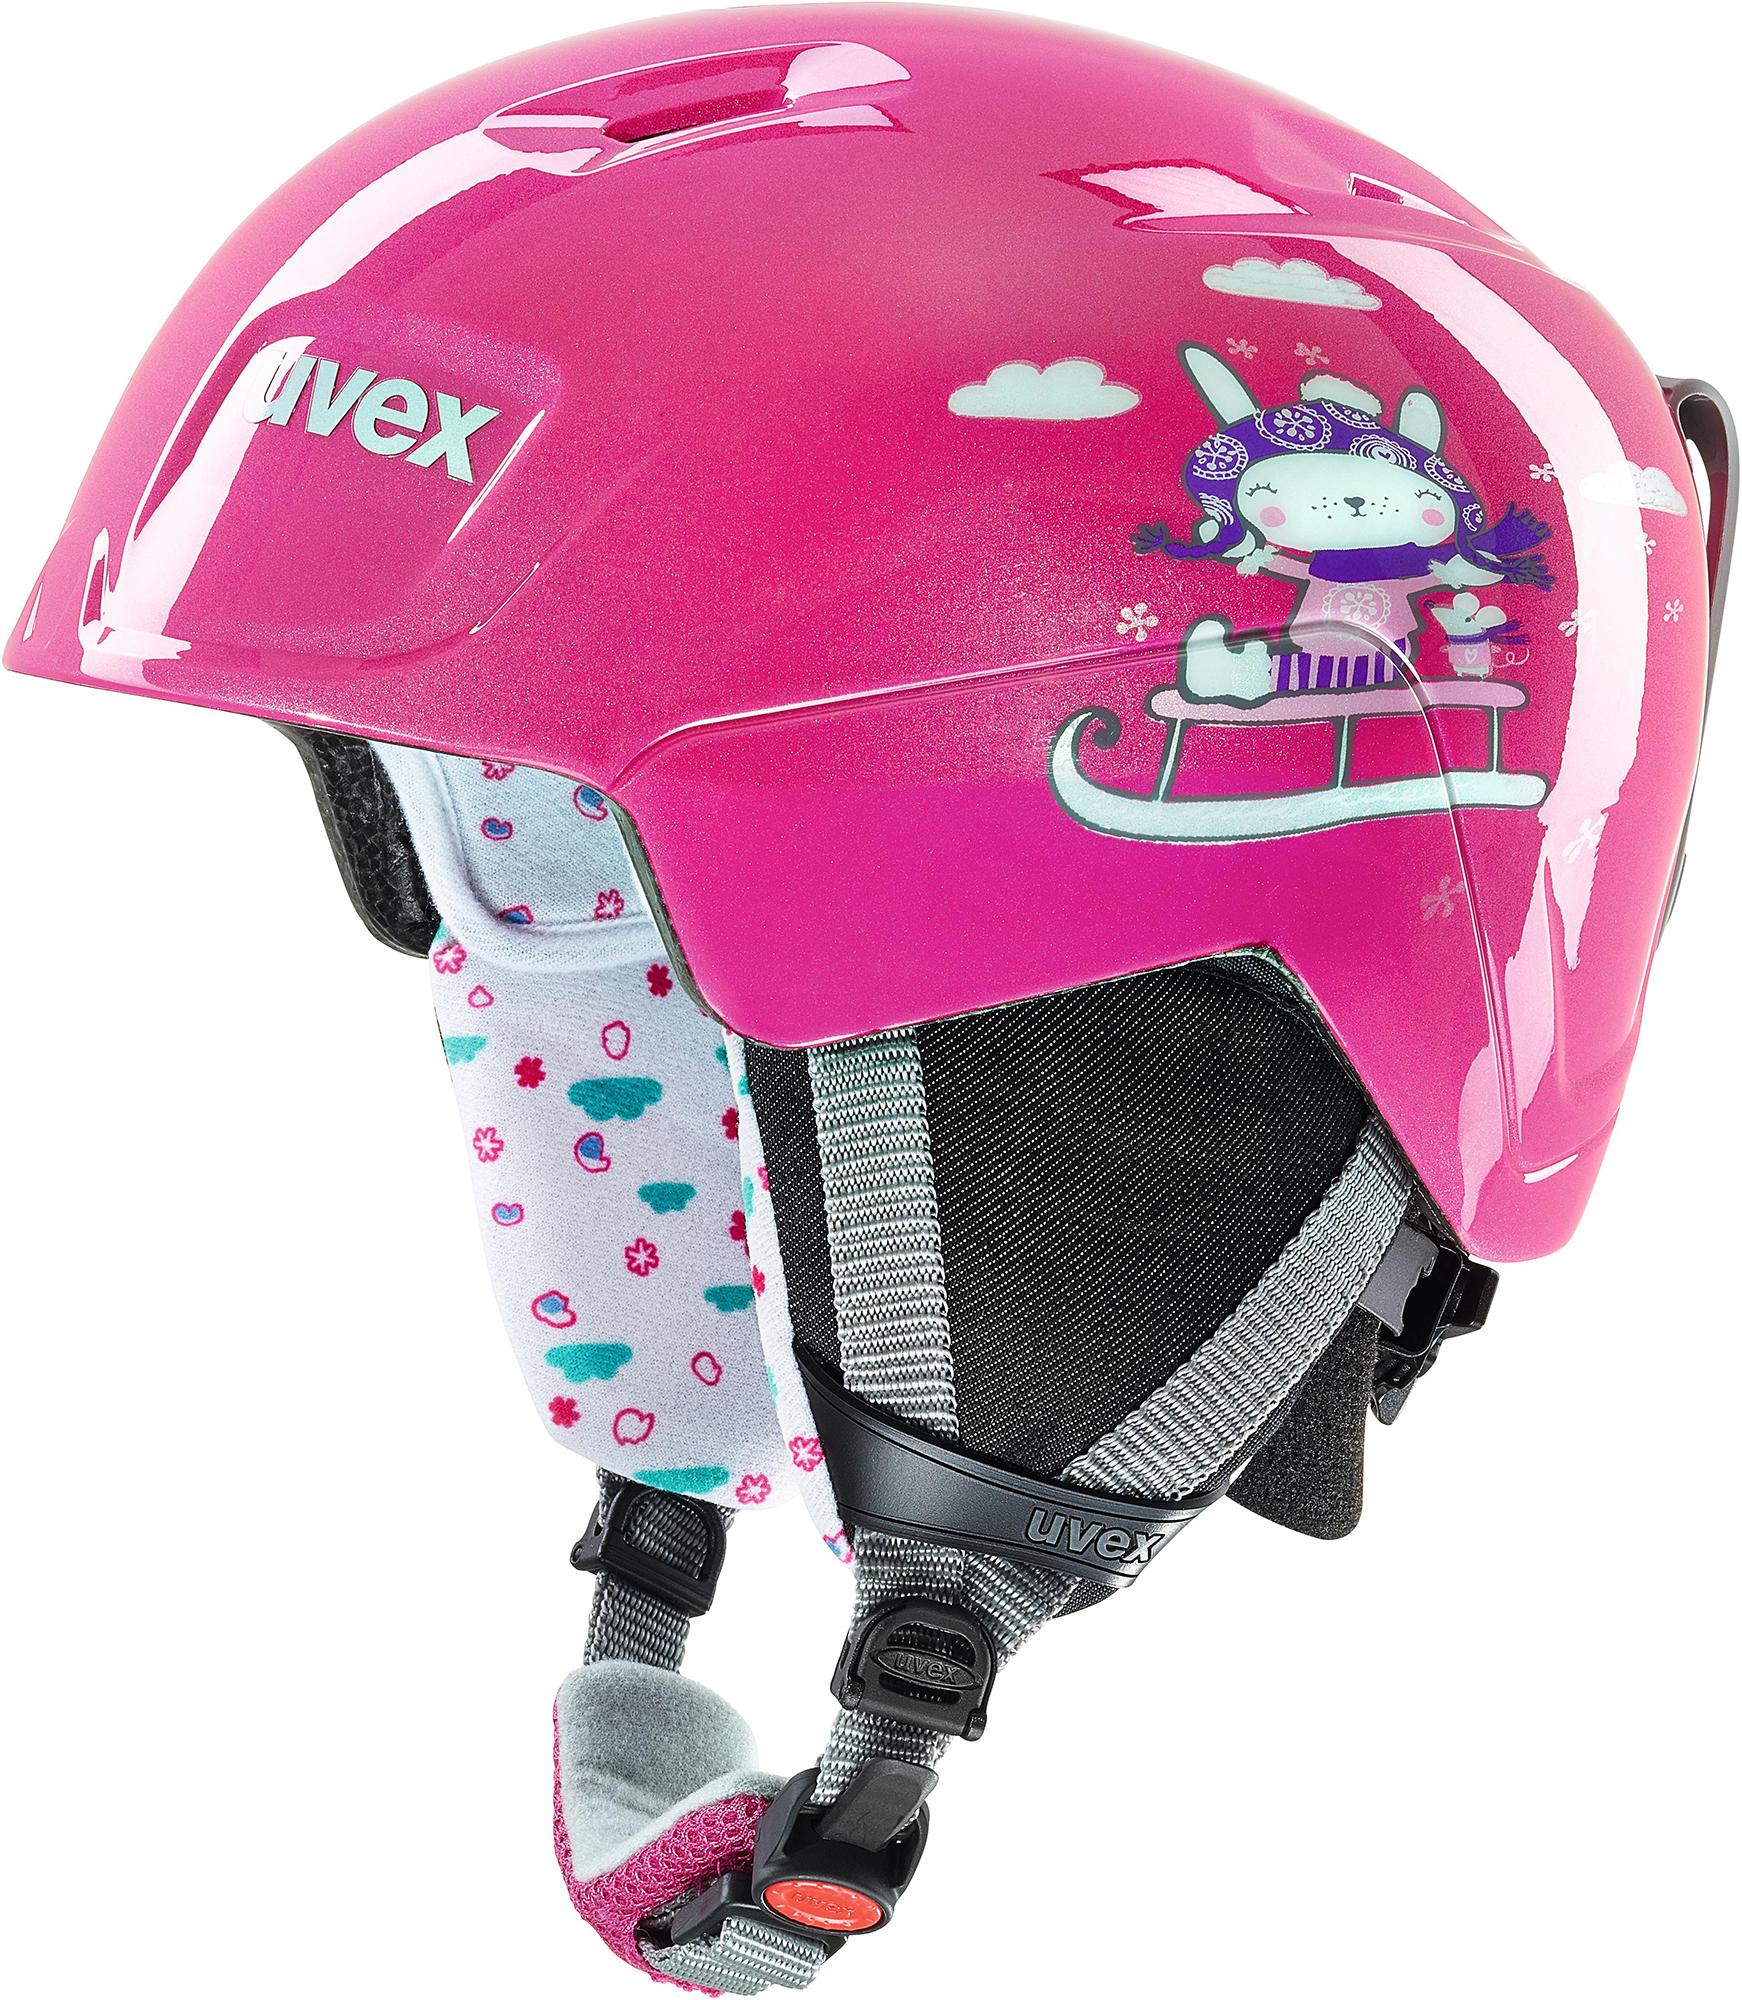 Uvex Шлем детский Uvex manic